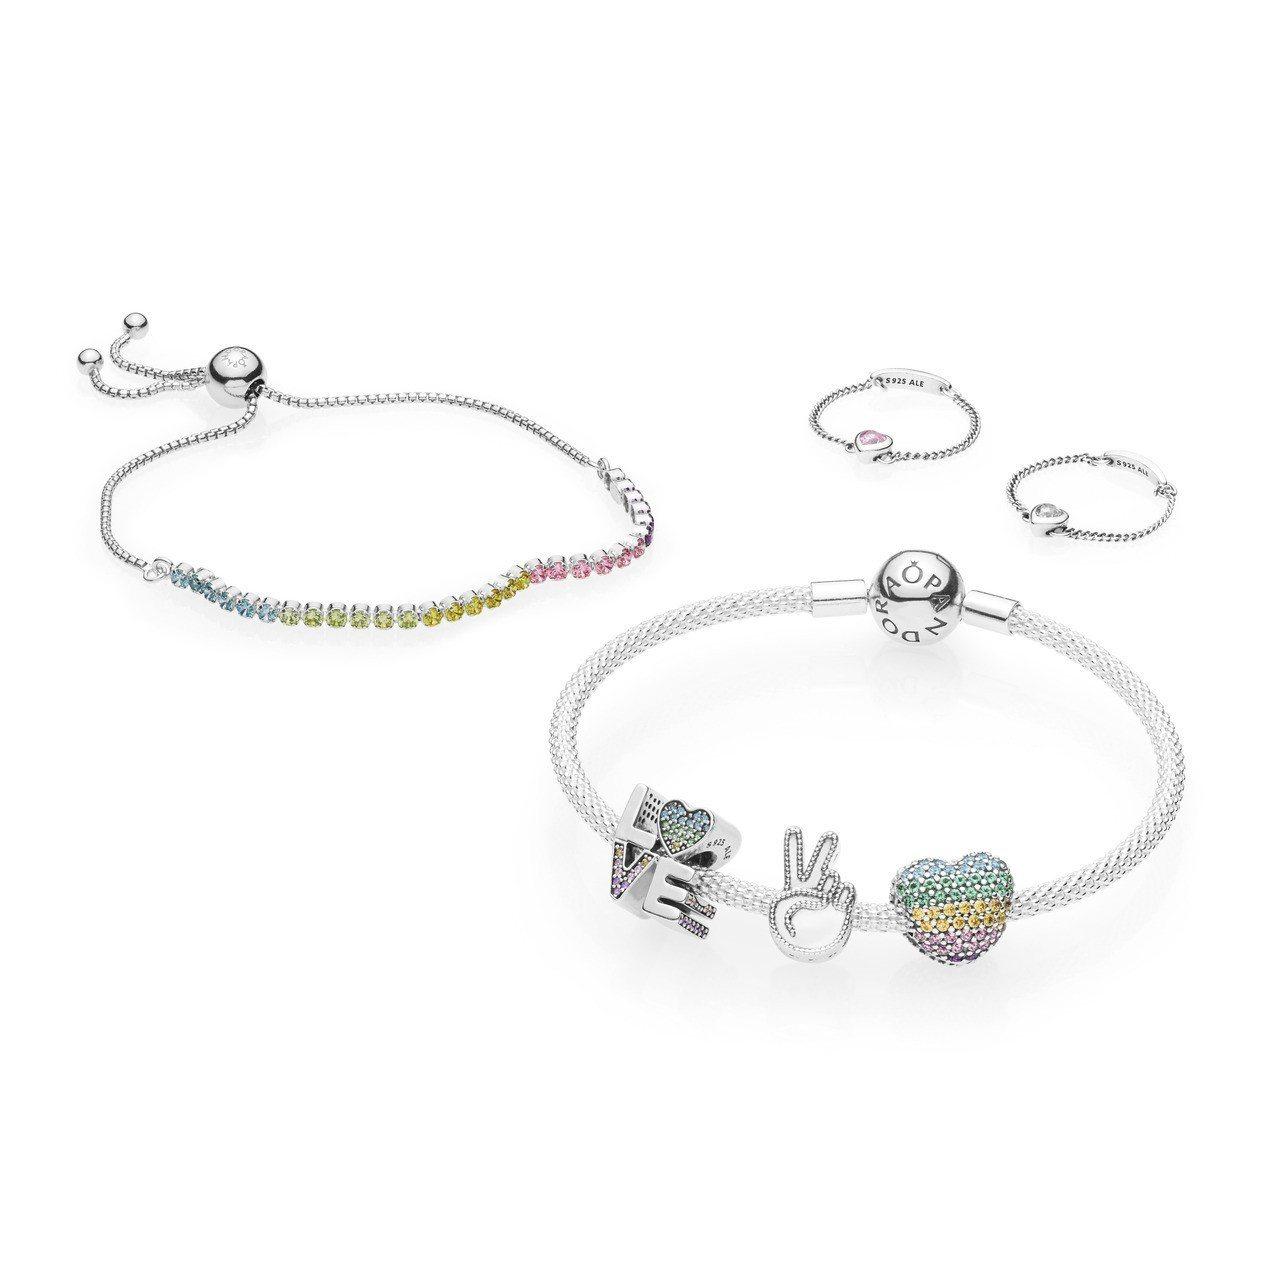 (順時鐘方向)PANDORA 彩虹鋯石 925 銀可調節式手鍊 2,580元;愛...